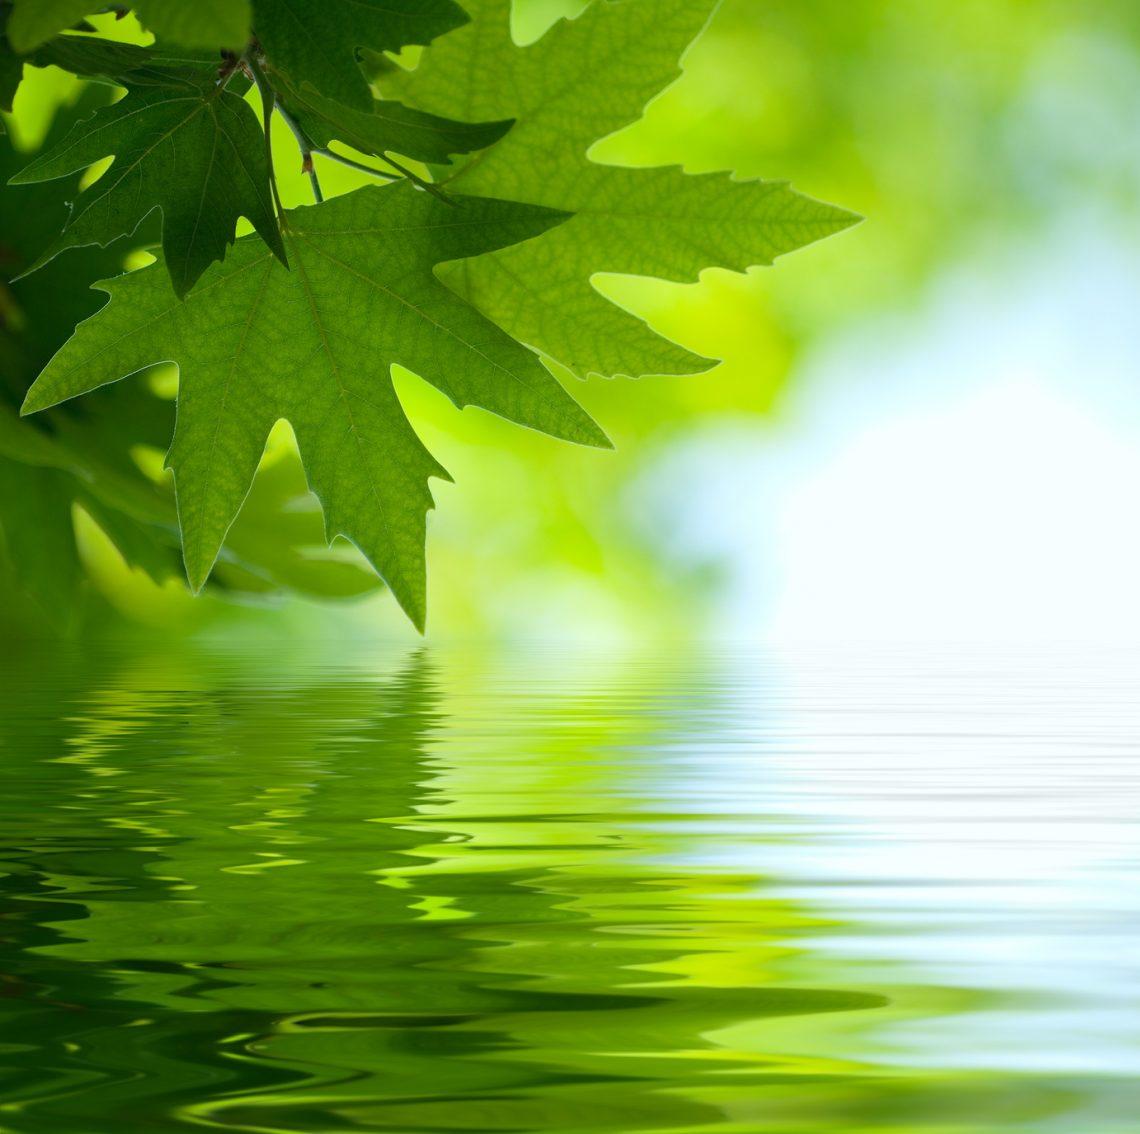 Grünes Blatt über Wasser